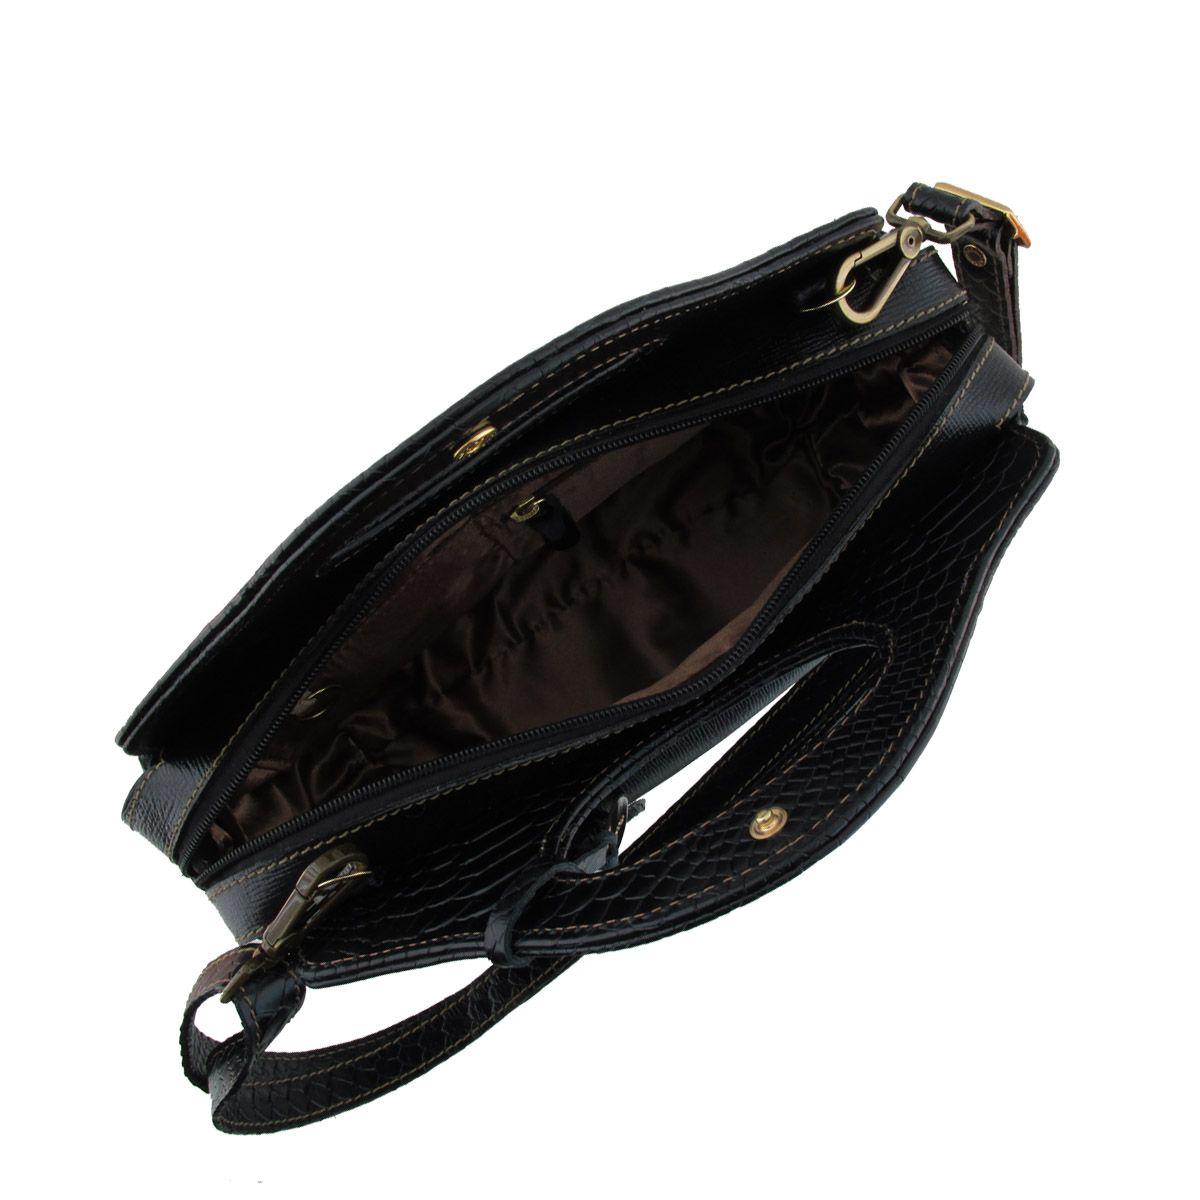 Bolsa De Mão Essencial : Bolsa couro de m?o black